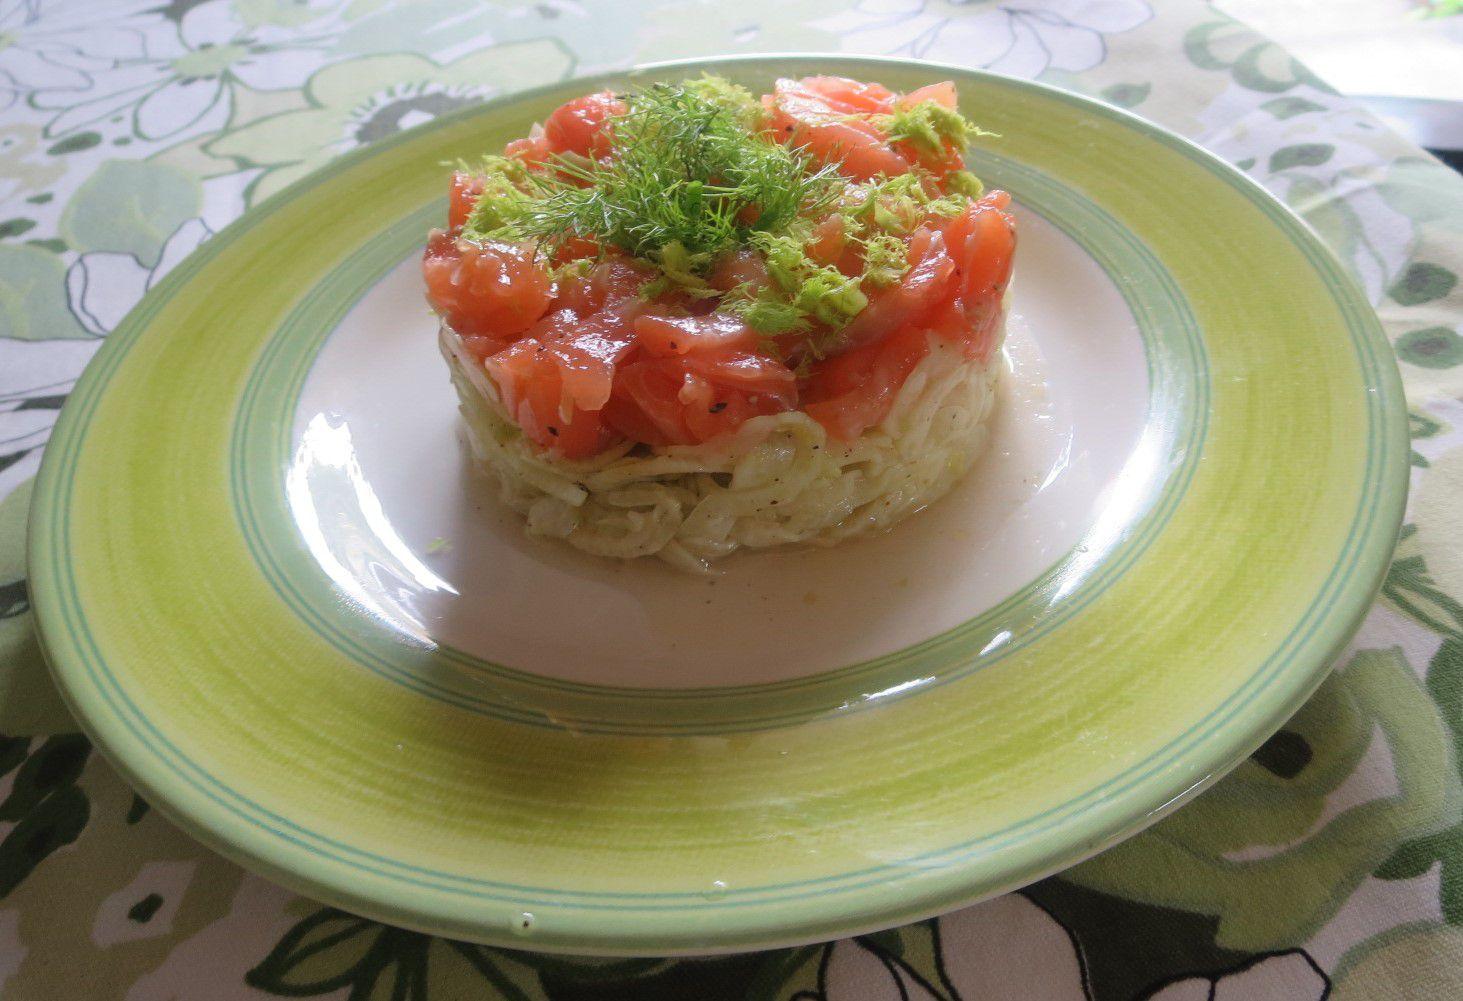 Un gravlax sur râpé de fenouil ou une simple assiette tomates/mozzarella